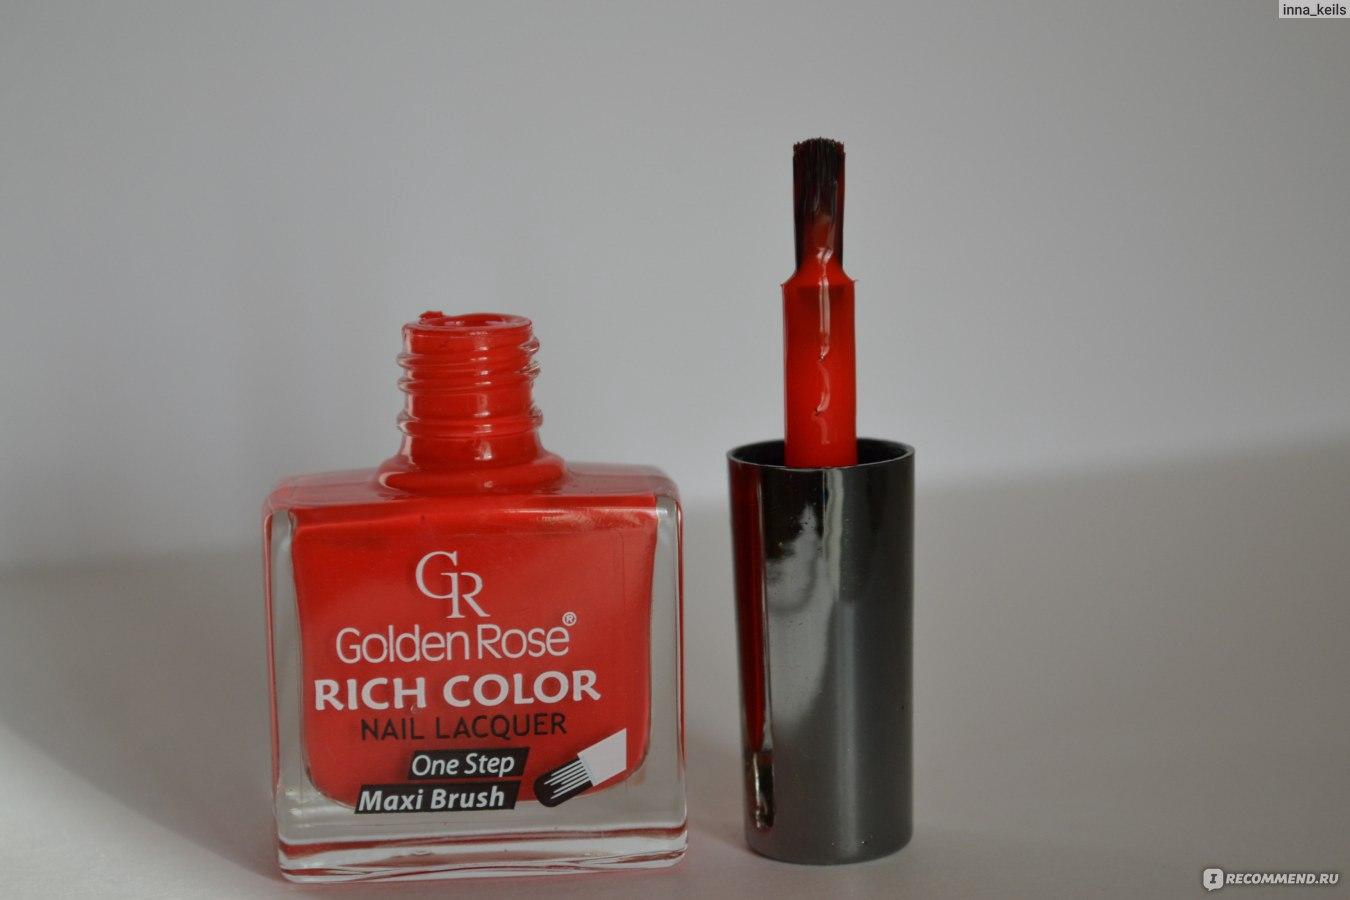 Голден роуз рич колор оттенок 21 фото на ногтях